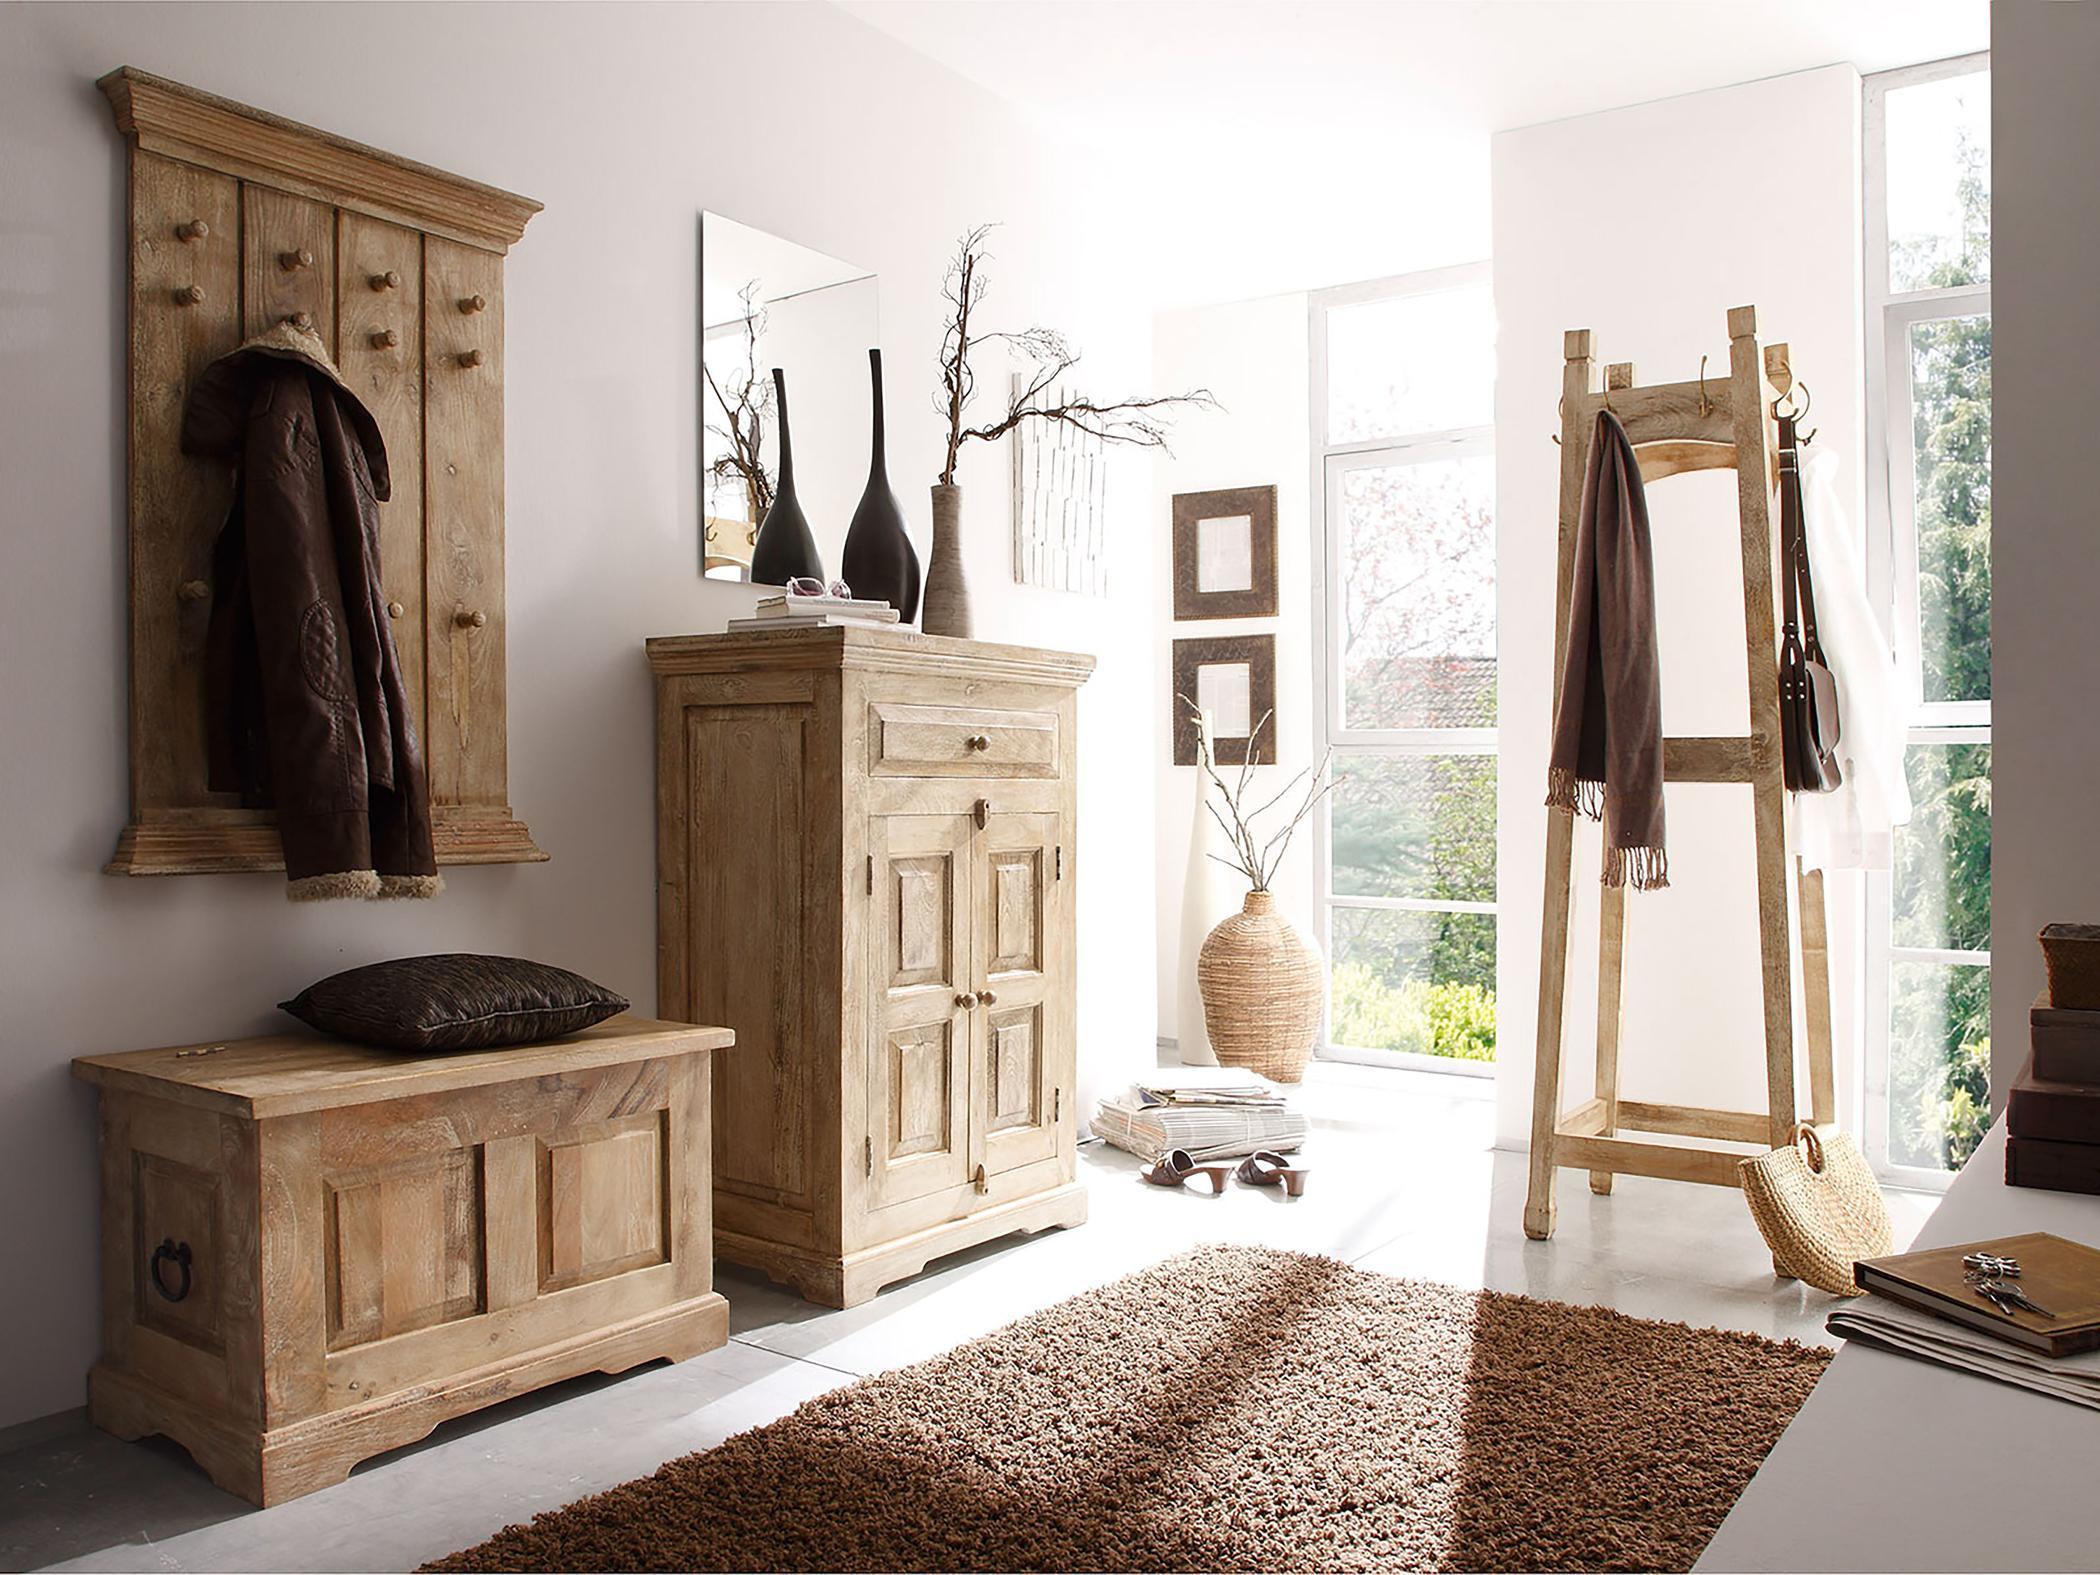 Holzmöbel  Flurmöbel • Bilder & Ideen • COUCHstyle